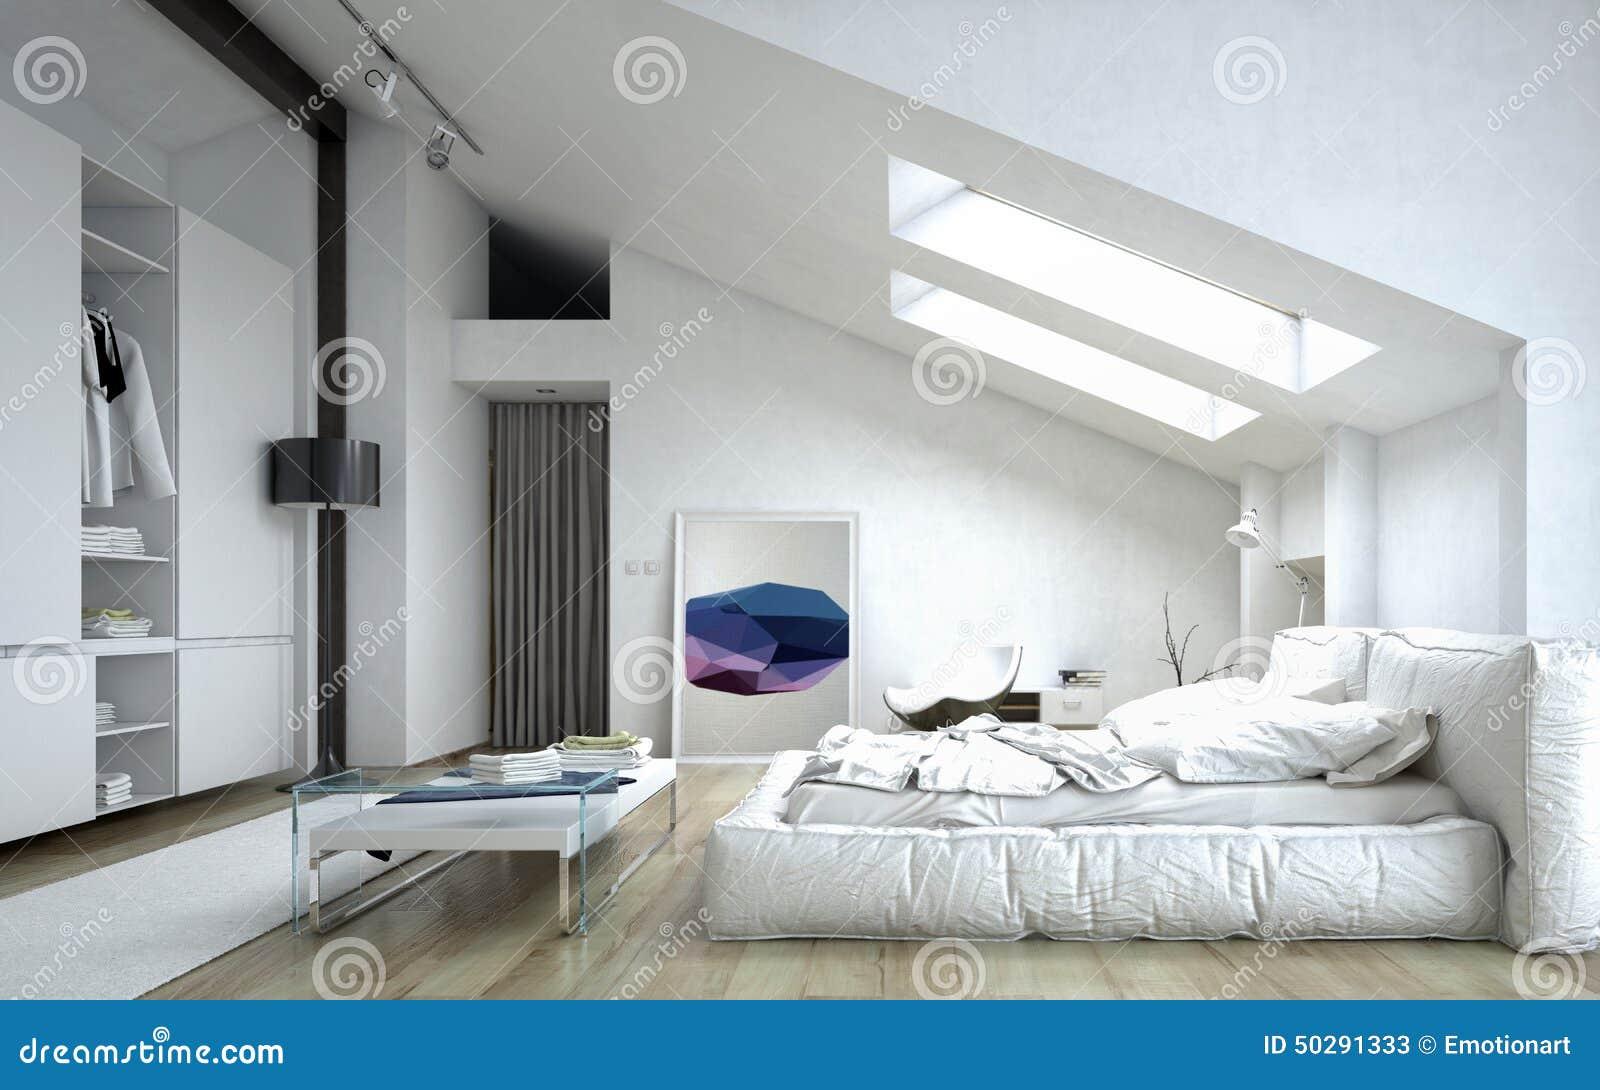 Interieur De Chambre Moderne Of Chambre Coucher Architecturale L 39 Int Rieur De La